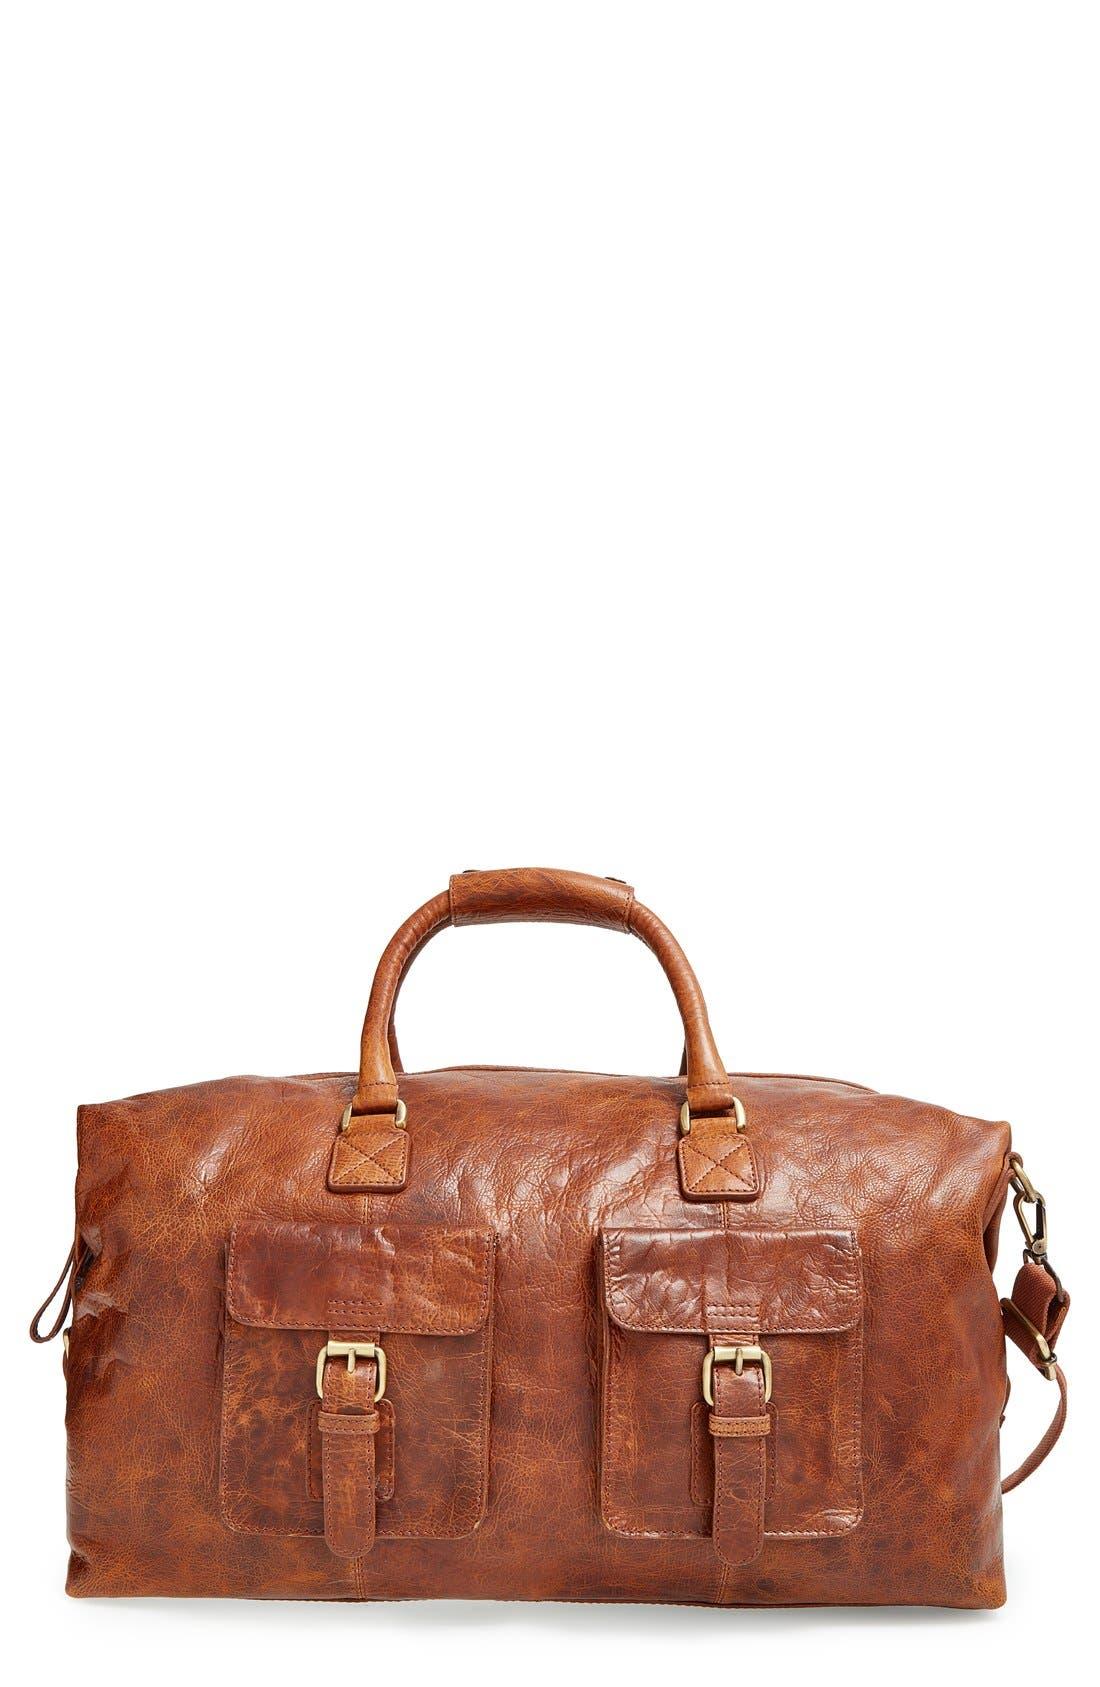 RAWLINGS 'Rugged' Leather Duffel Bag